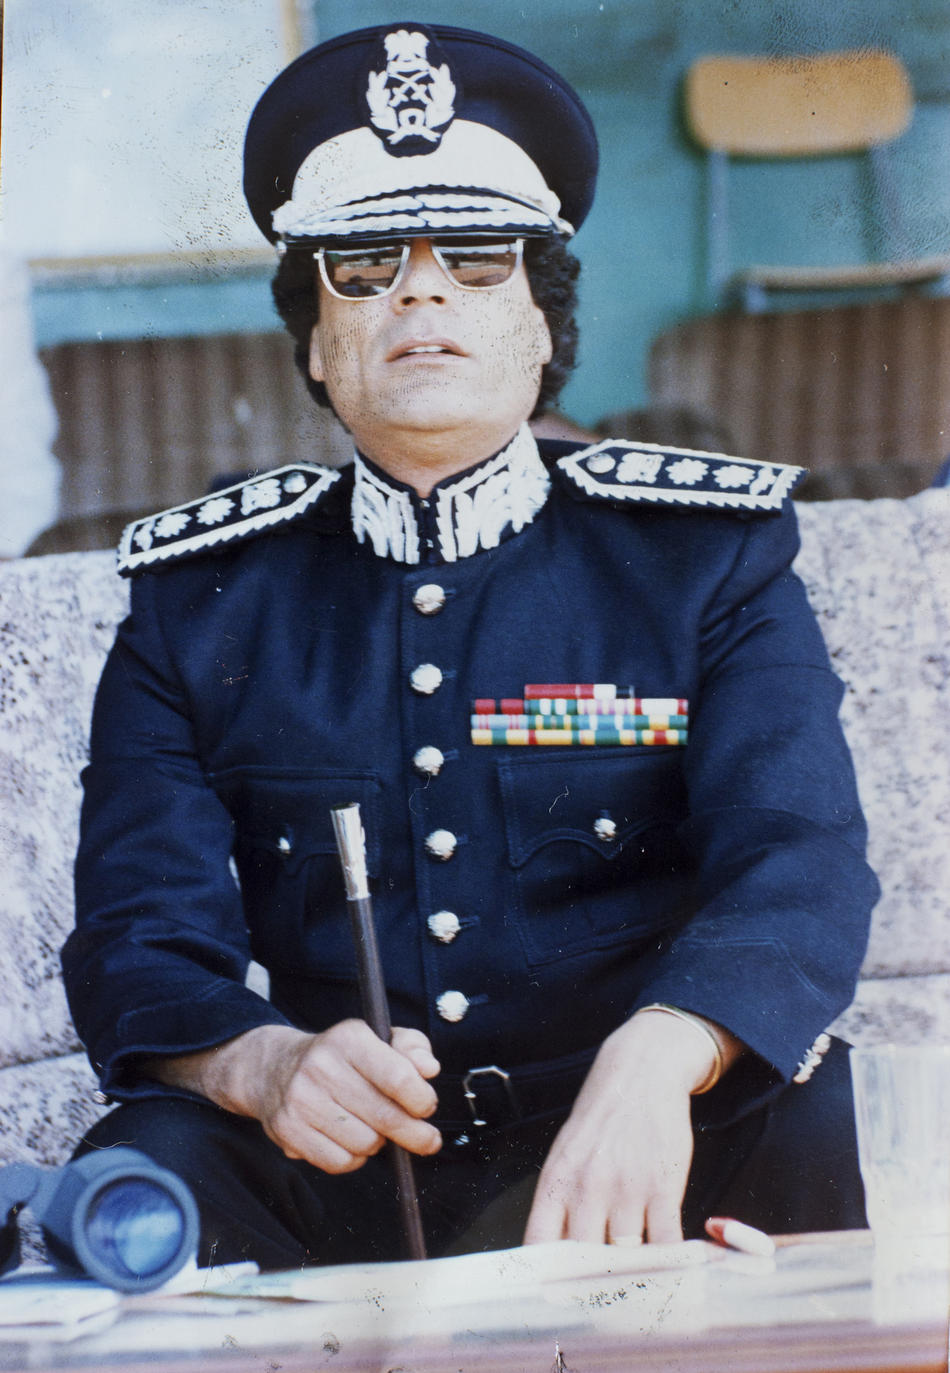 IMAGES12 Фотографии из семейного альбома полковника Каддафи